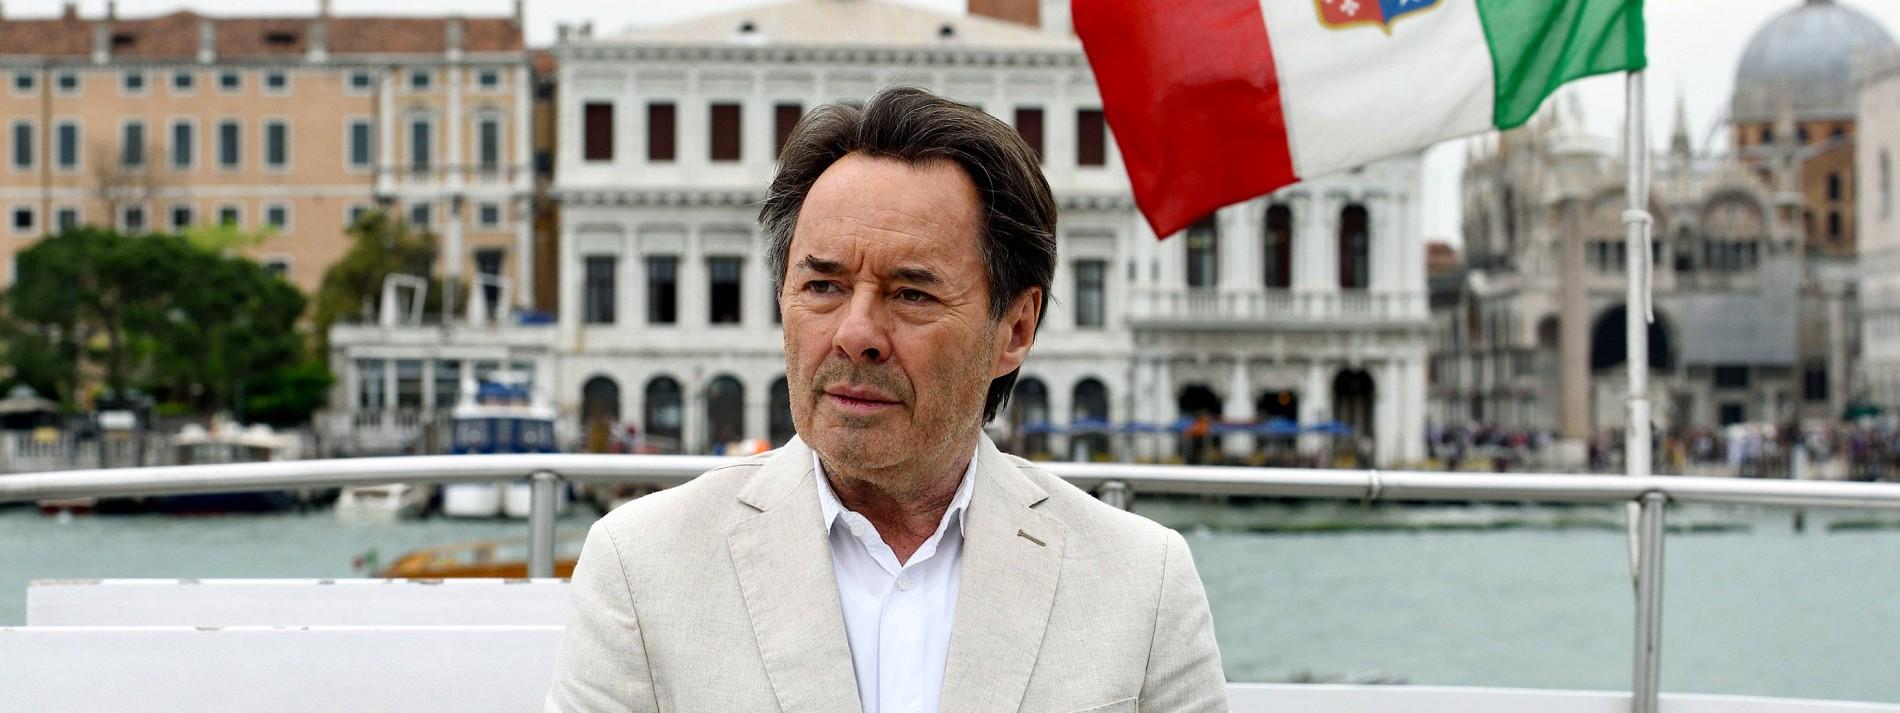 Hessischer Film- und Kinopreis vergeben